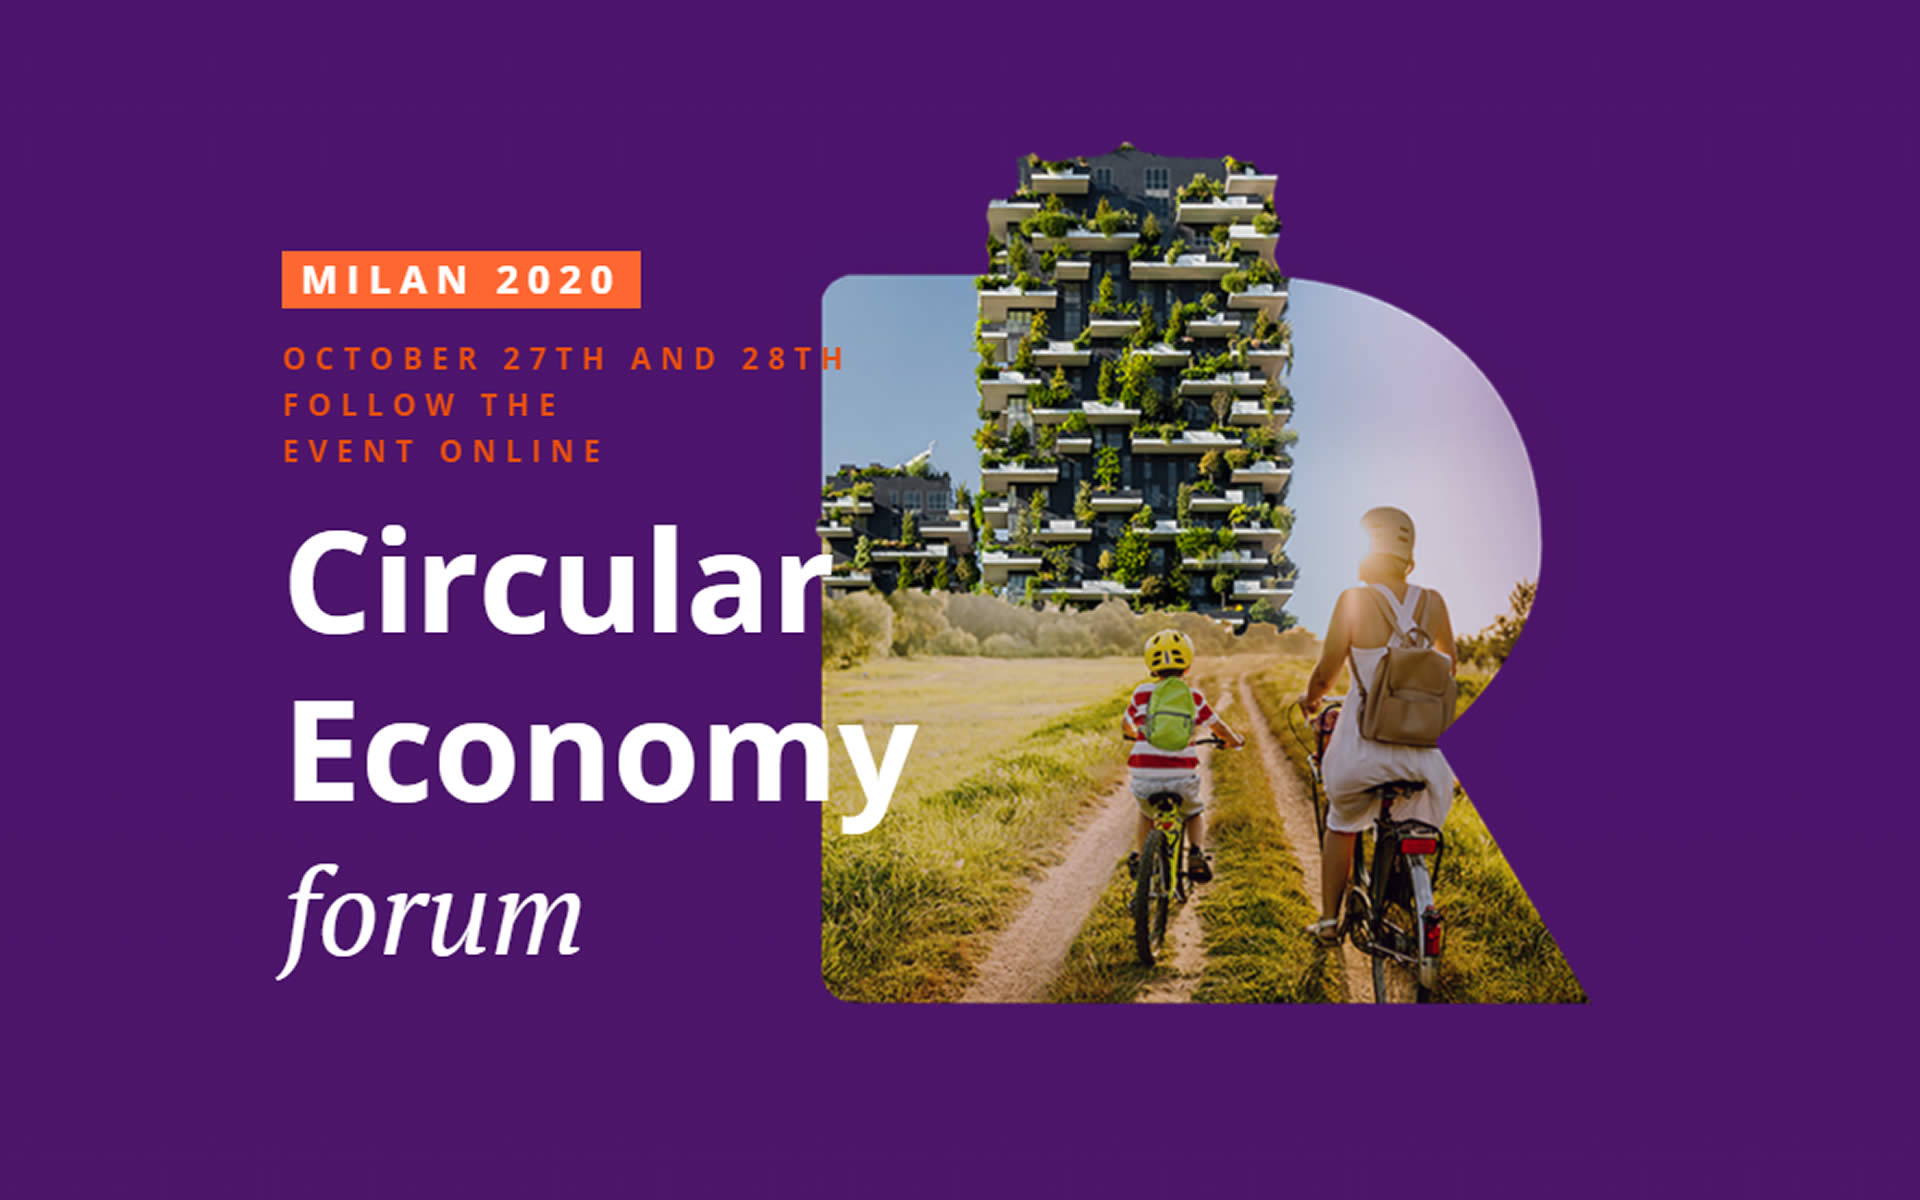 L'Economia Circolare in un Forum. La sostenibilità ha bisogno di una corretta gestione dei rifiuti